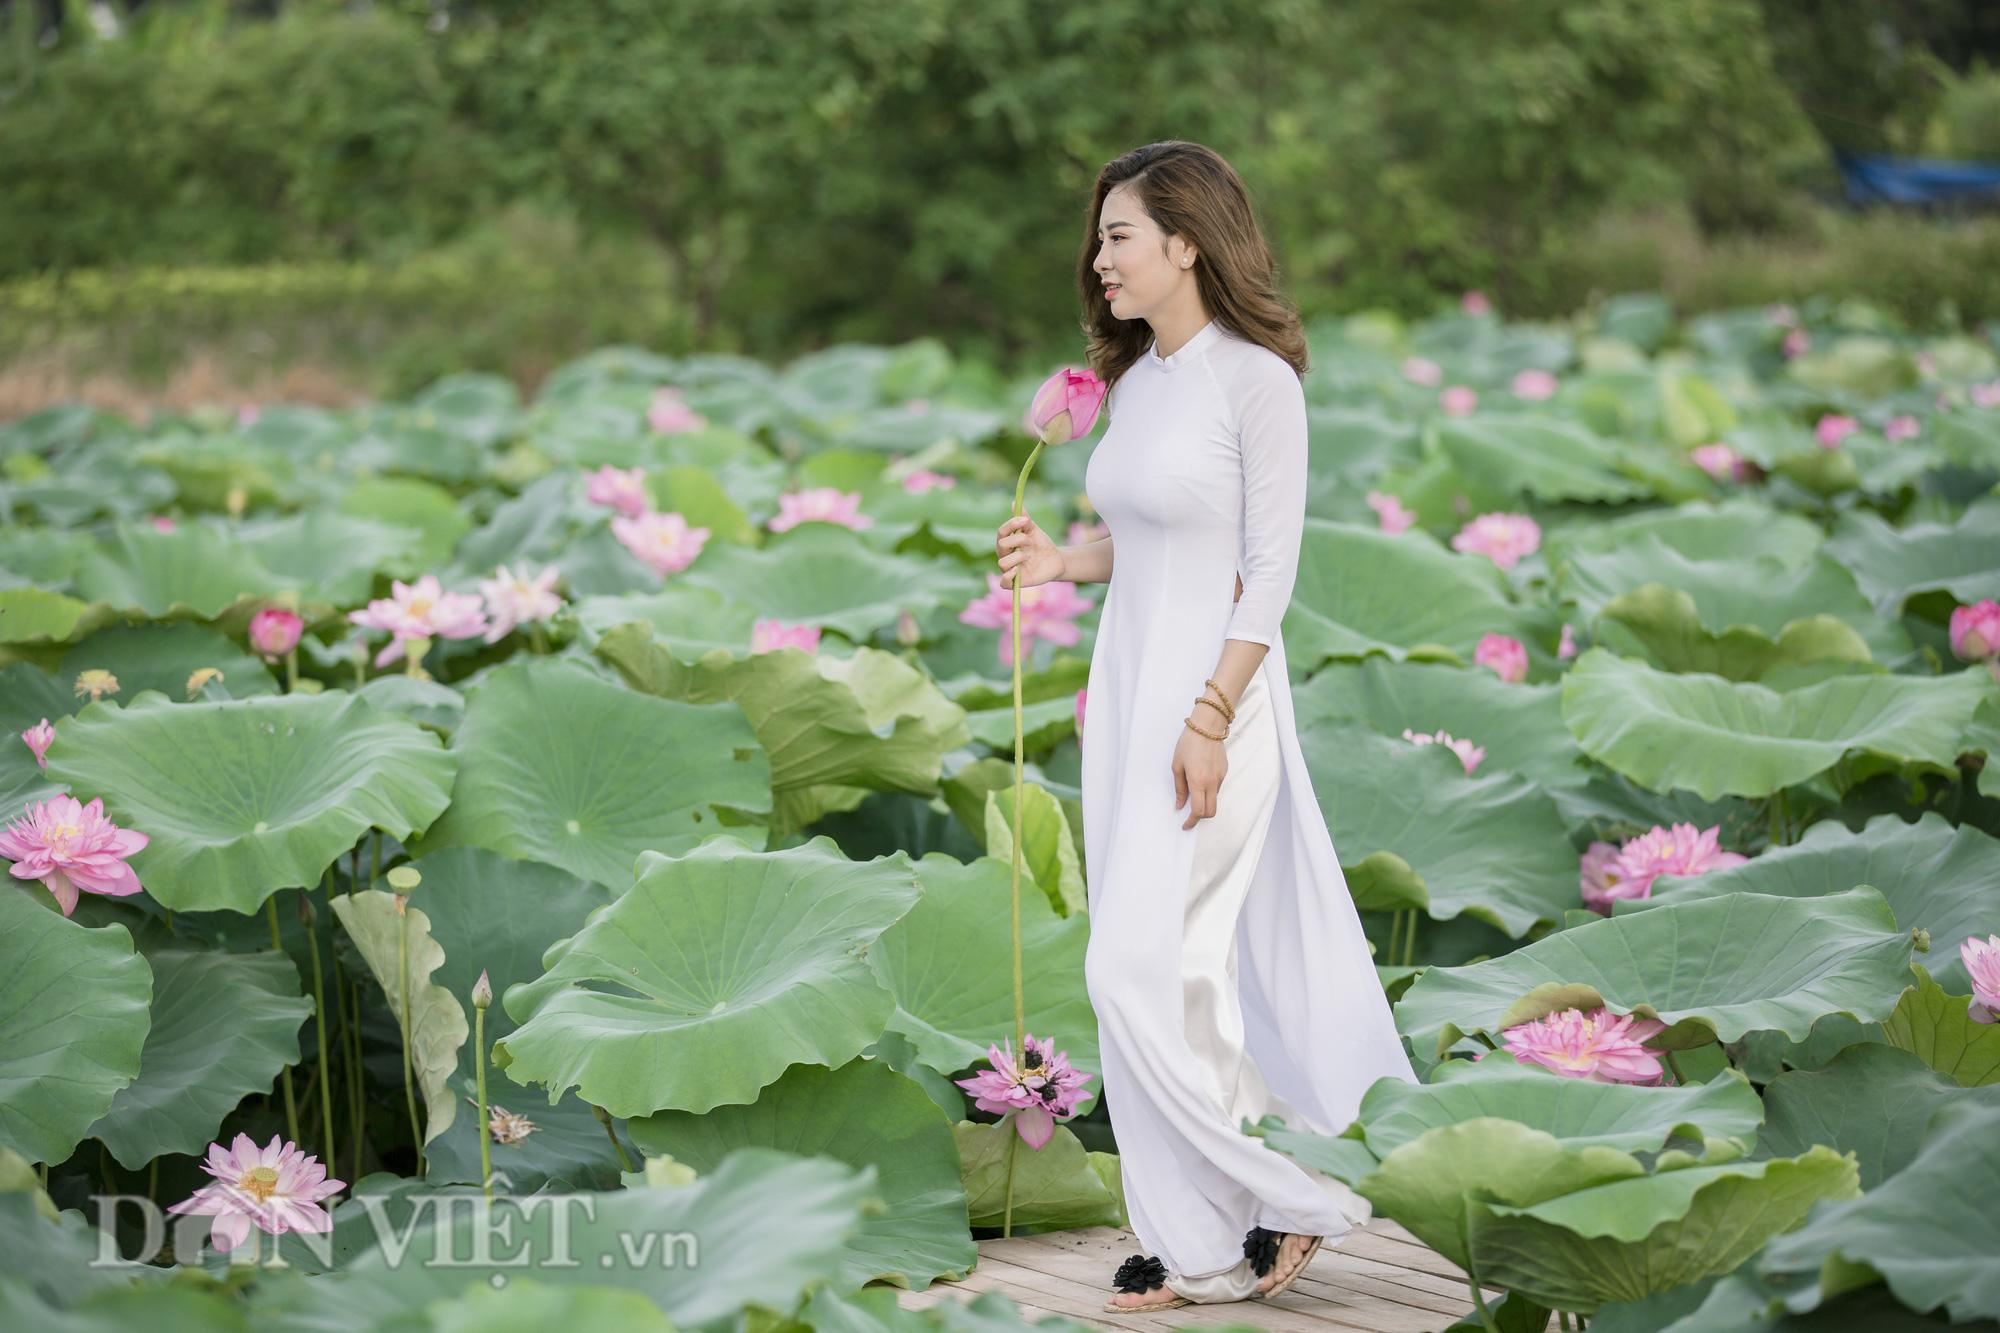 """Sen Hồ Tây bung nở, người dân Hà Thành đổ xô tới """"khoe sắc"""" - Ảnh 8."""